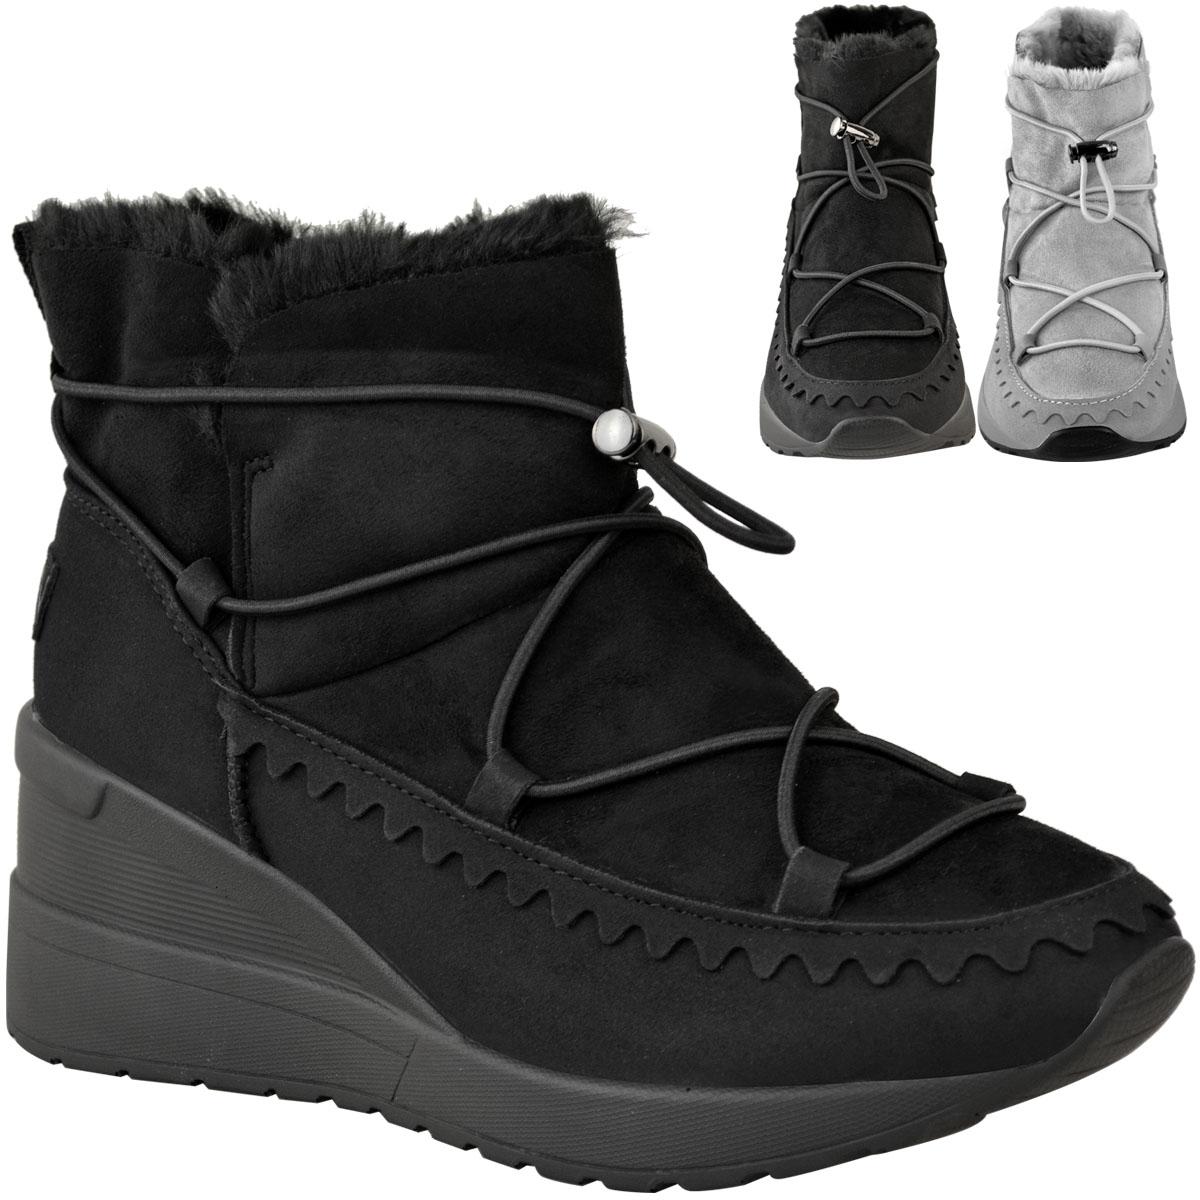 Womens Winter Faux Fur Fleece Ankle Boots Low Wedge Heel Size